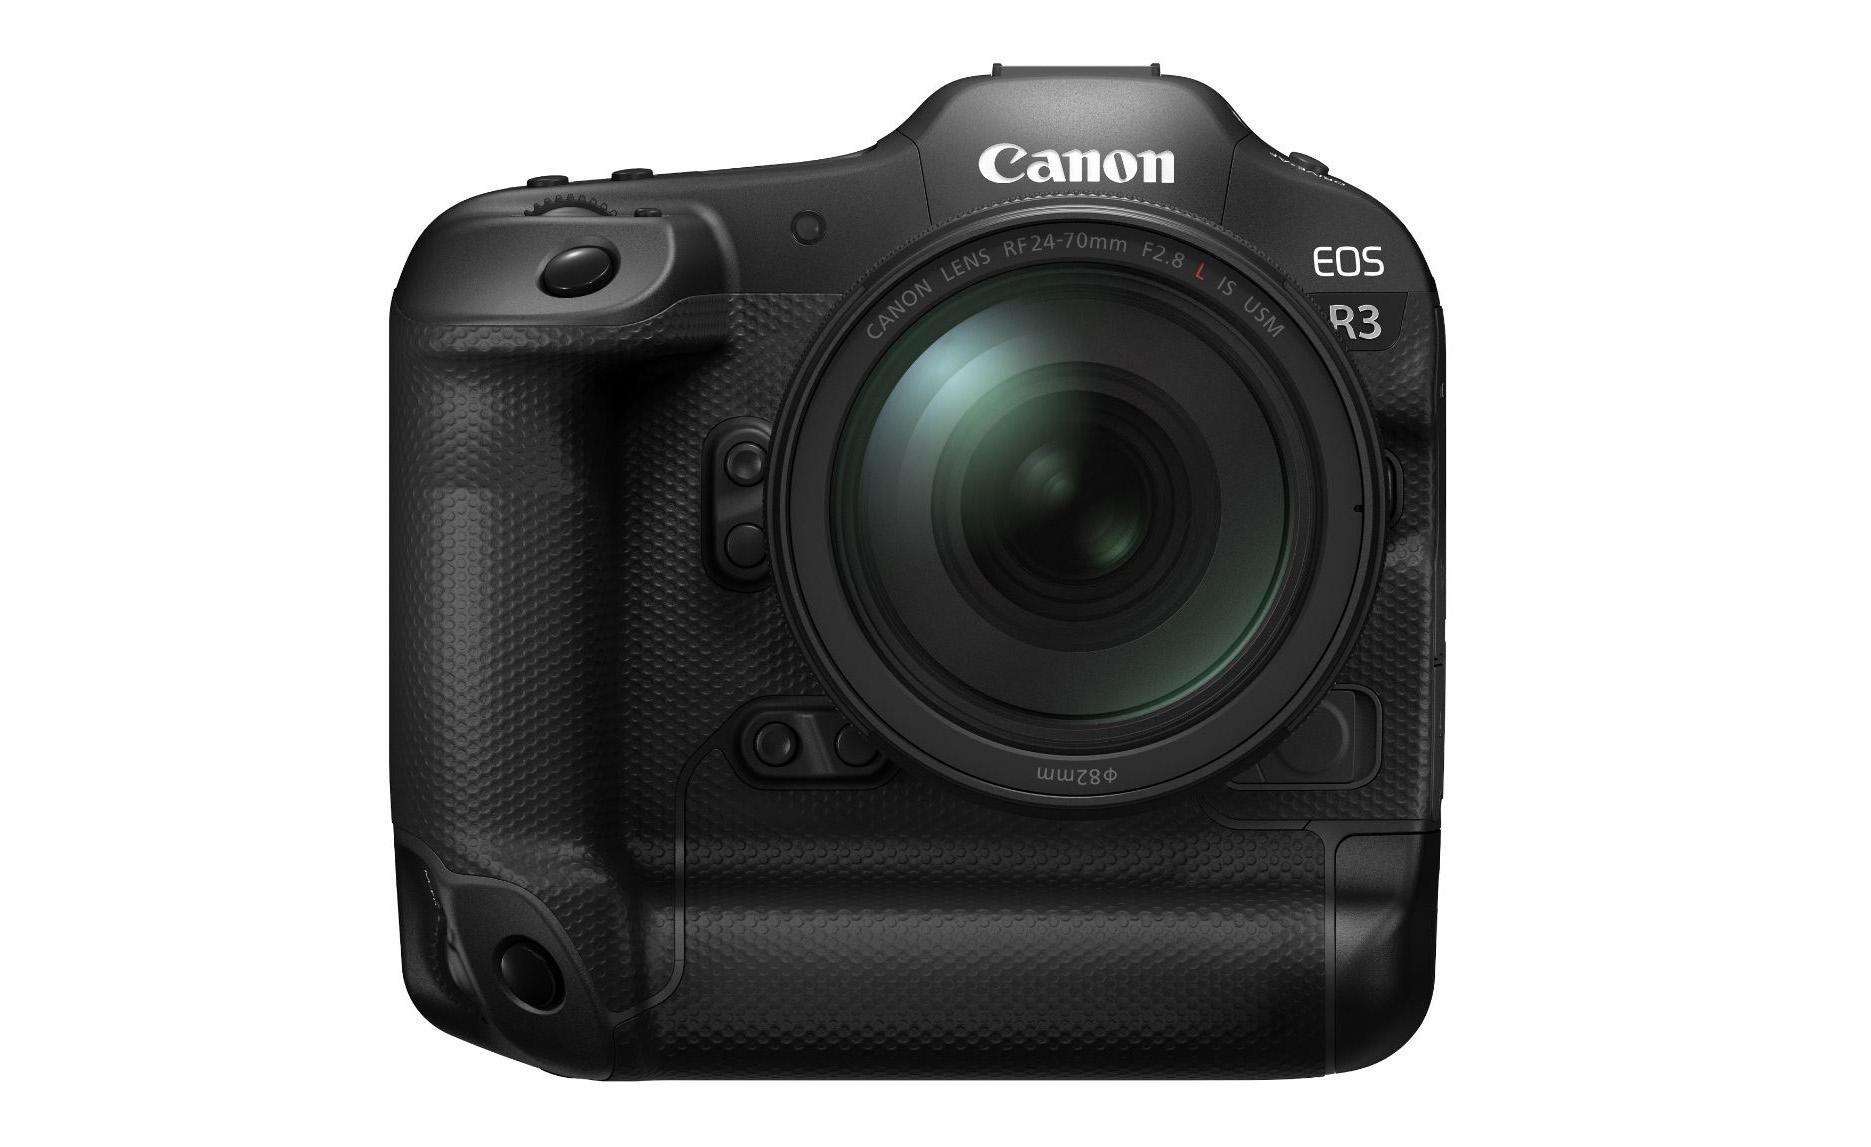 Canon EOS R3 leak